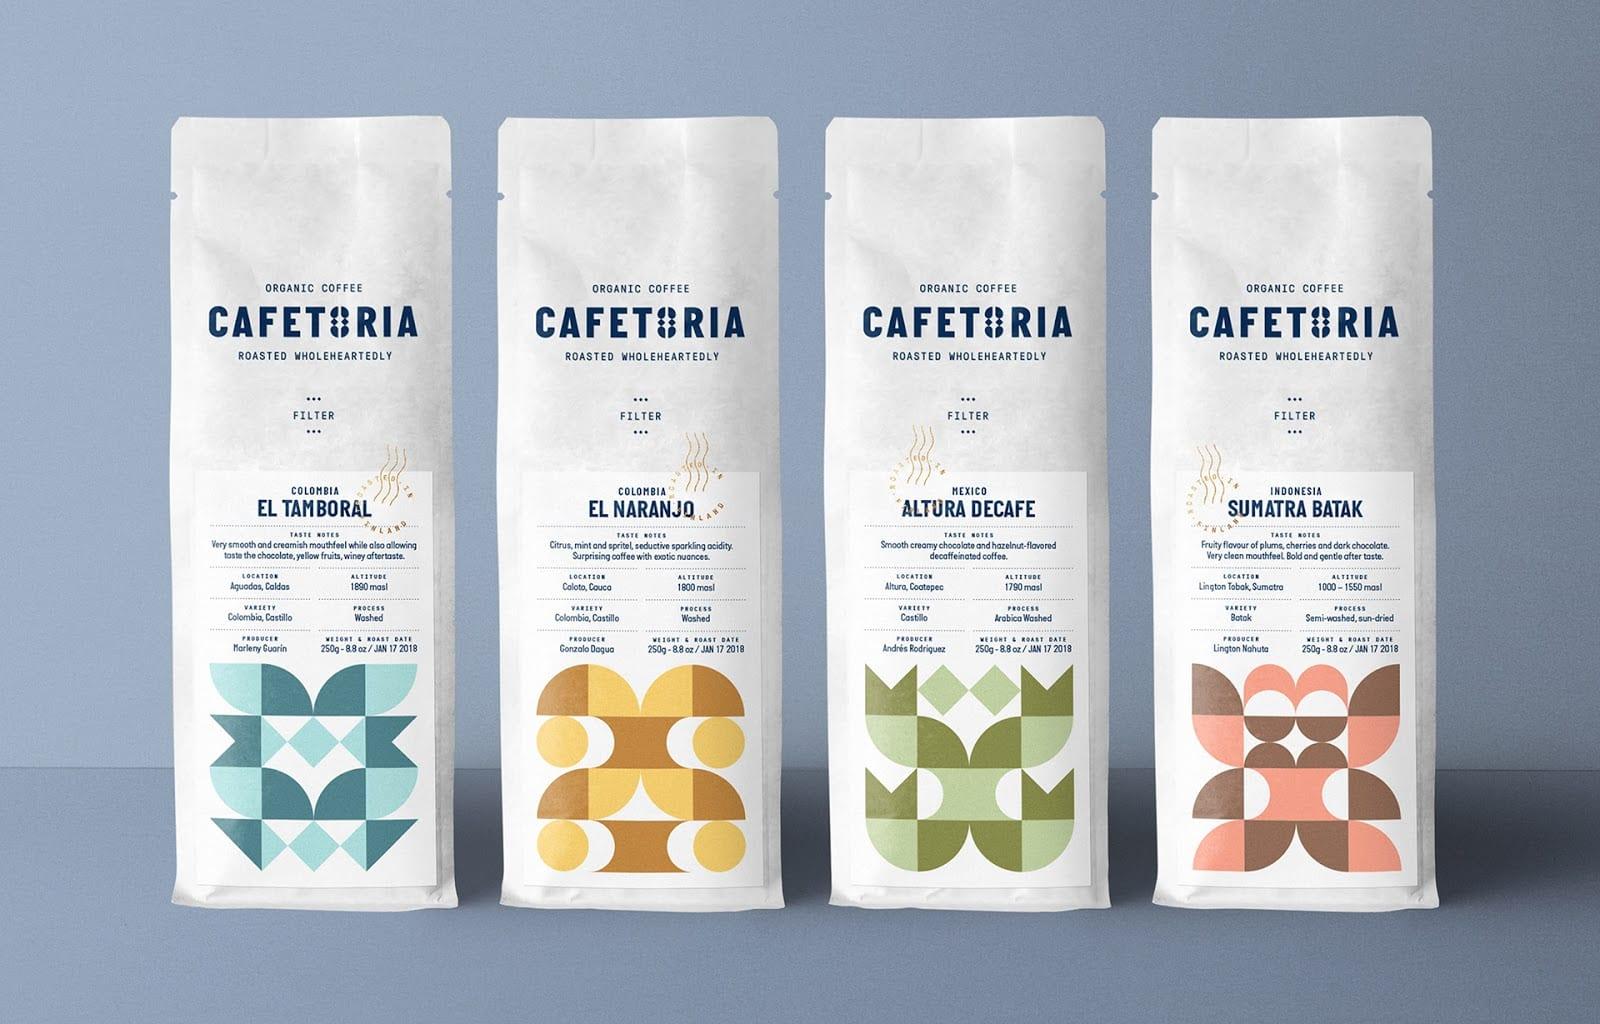 Cafetoria 01 - Ach, tie obaly – Cafetoria